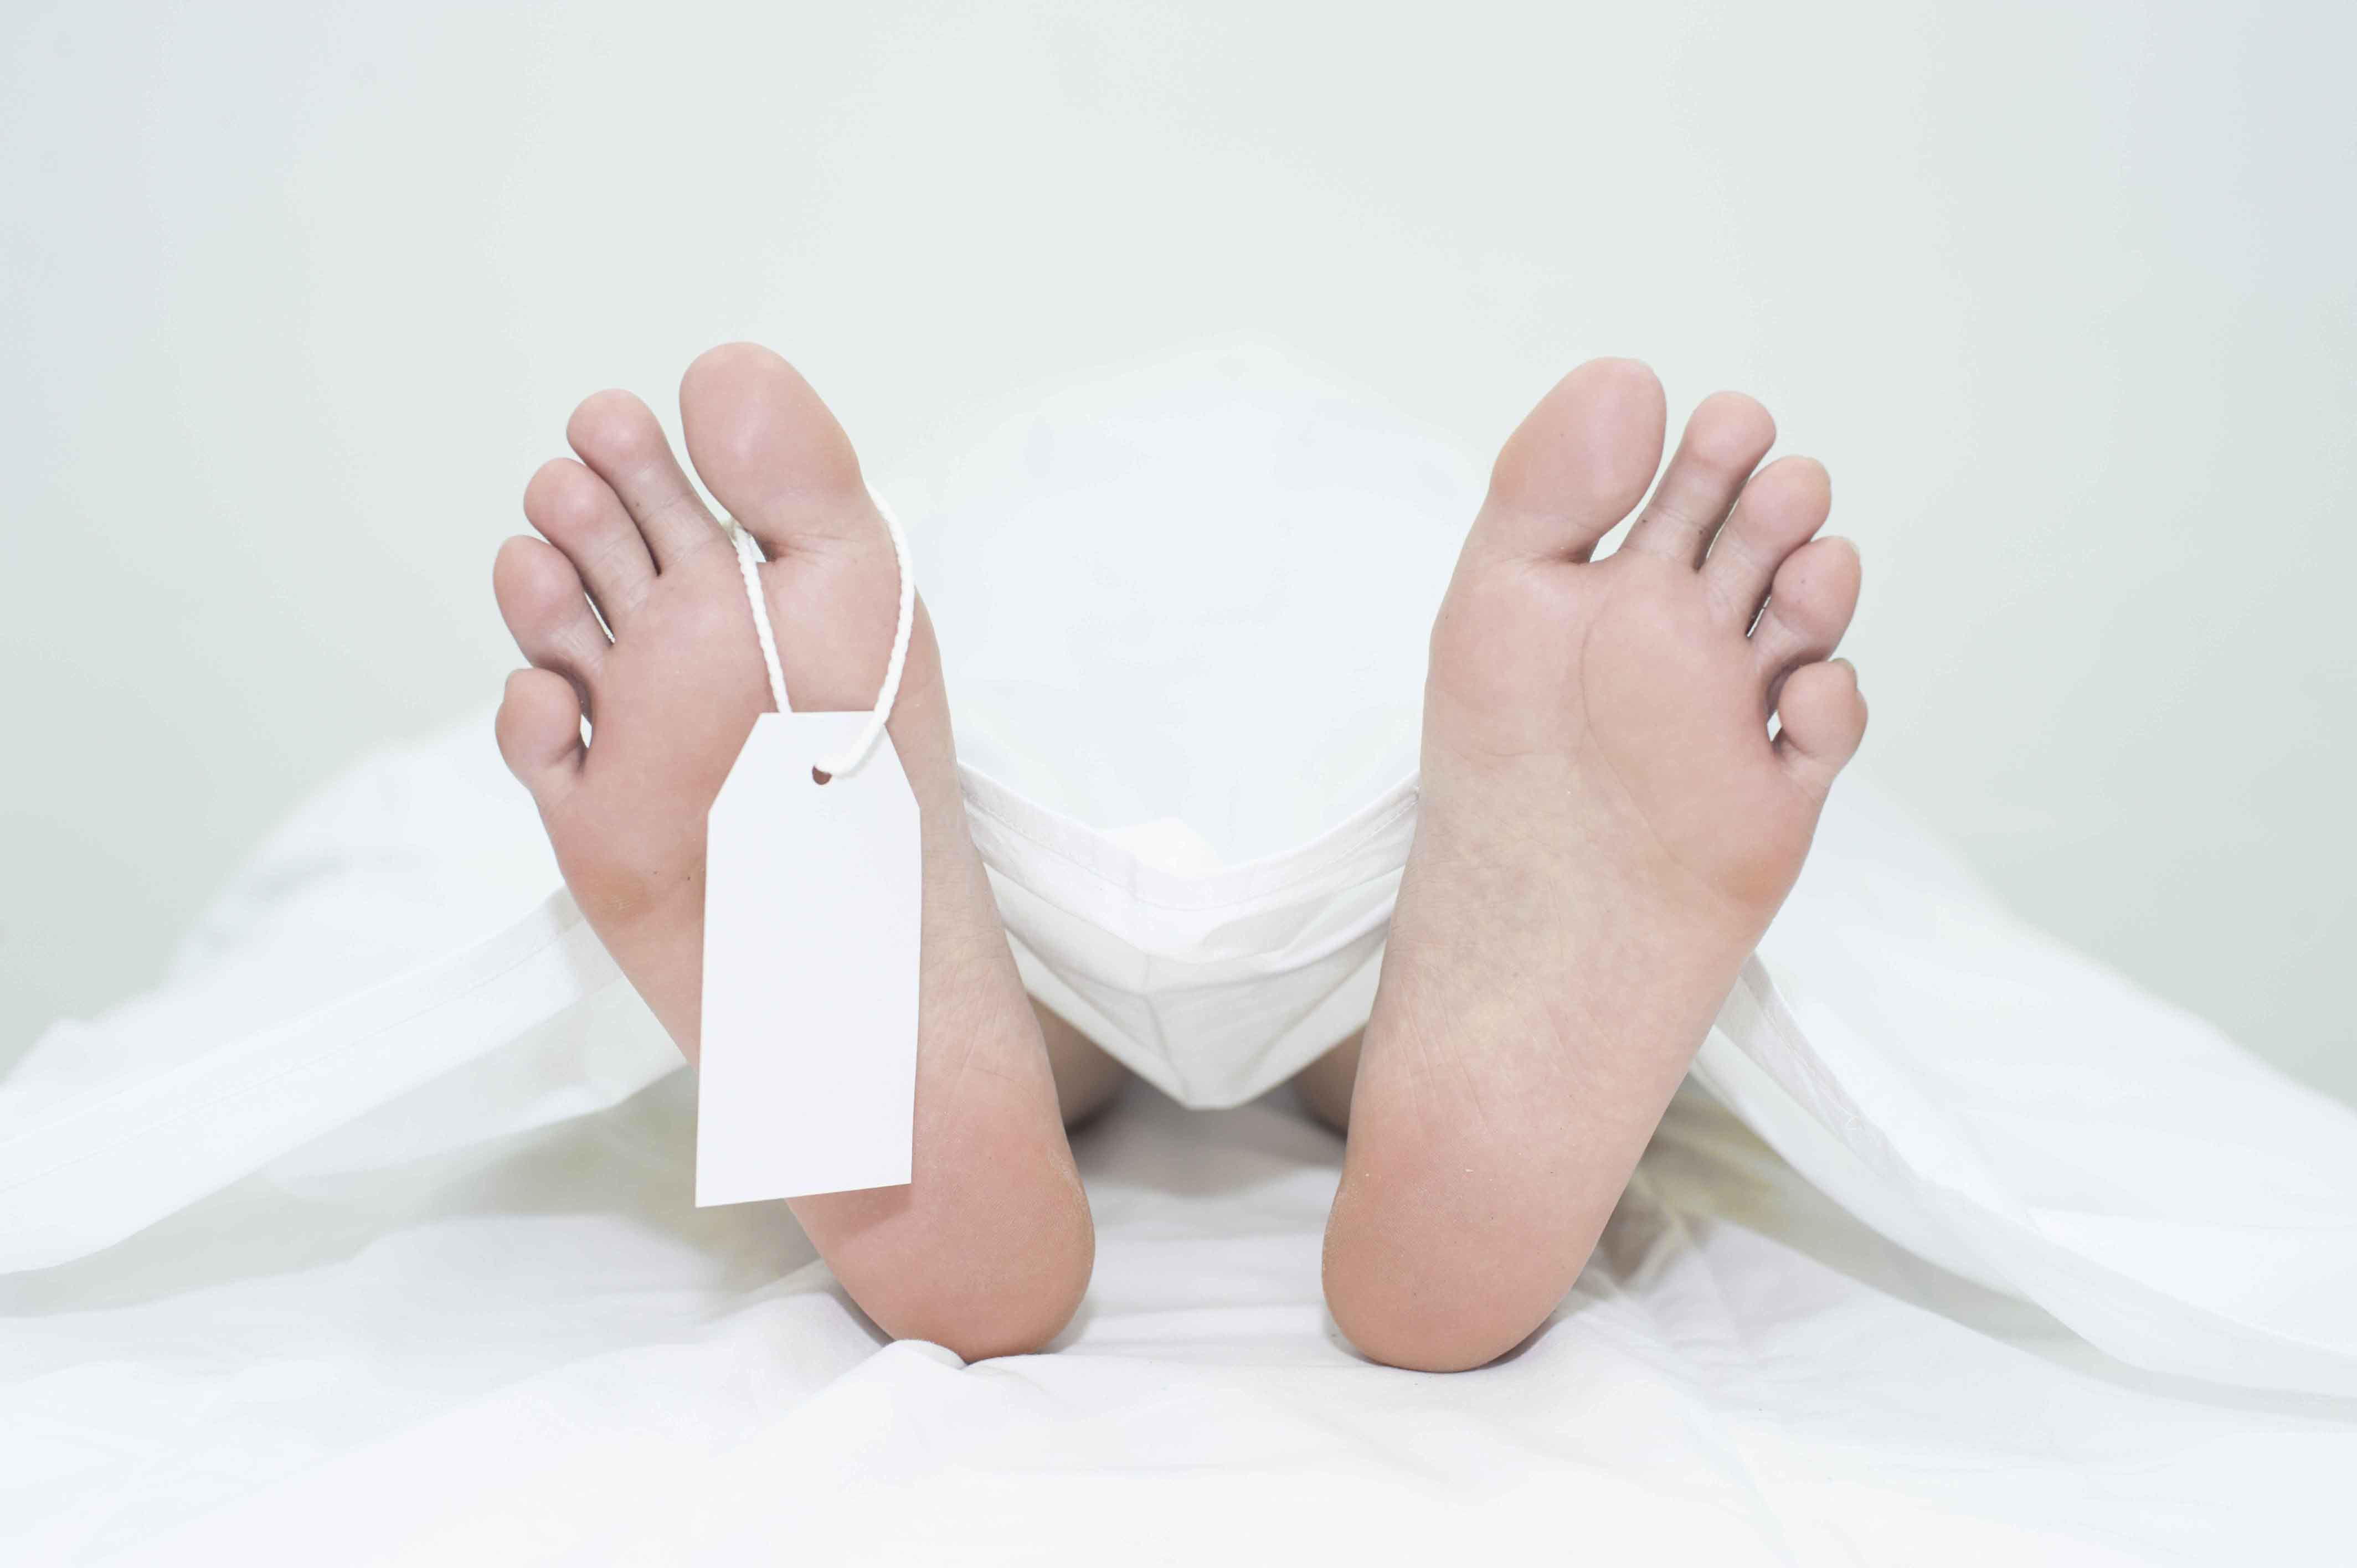 pies de un cadáver tapado con sábana